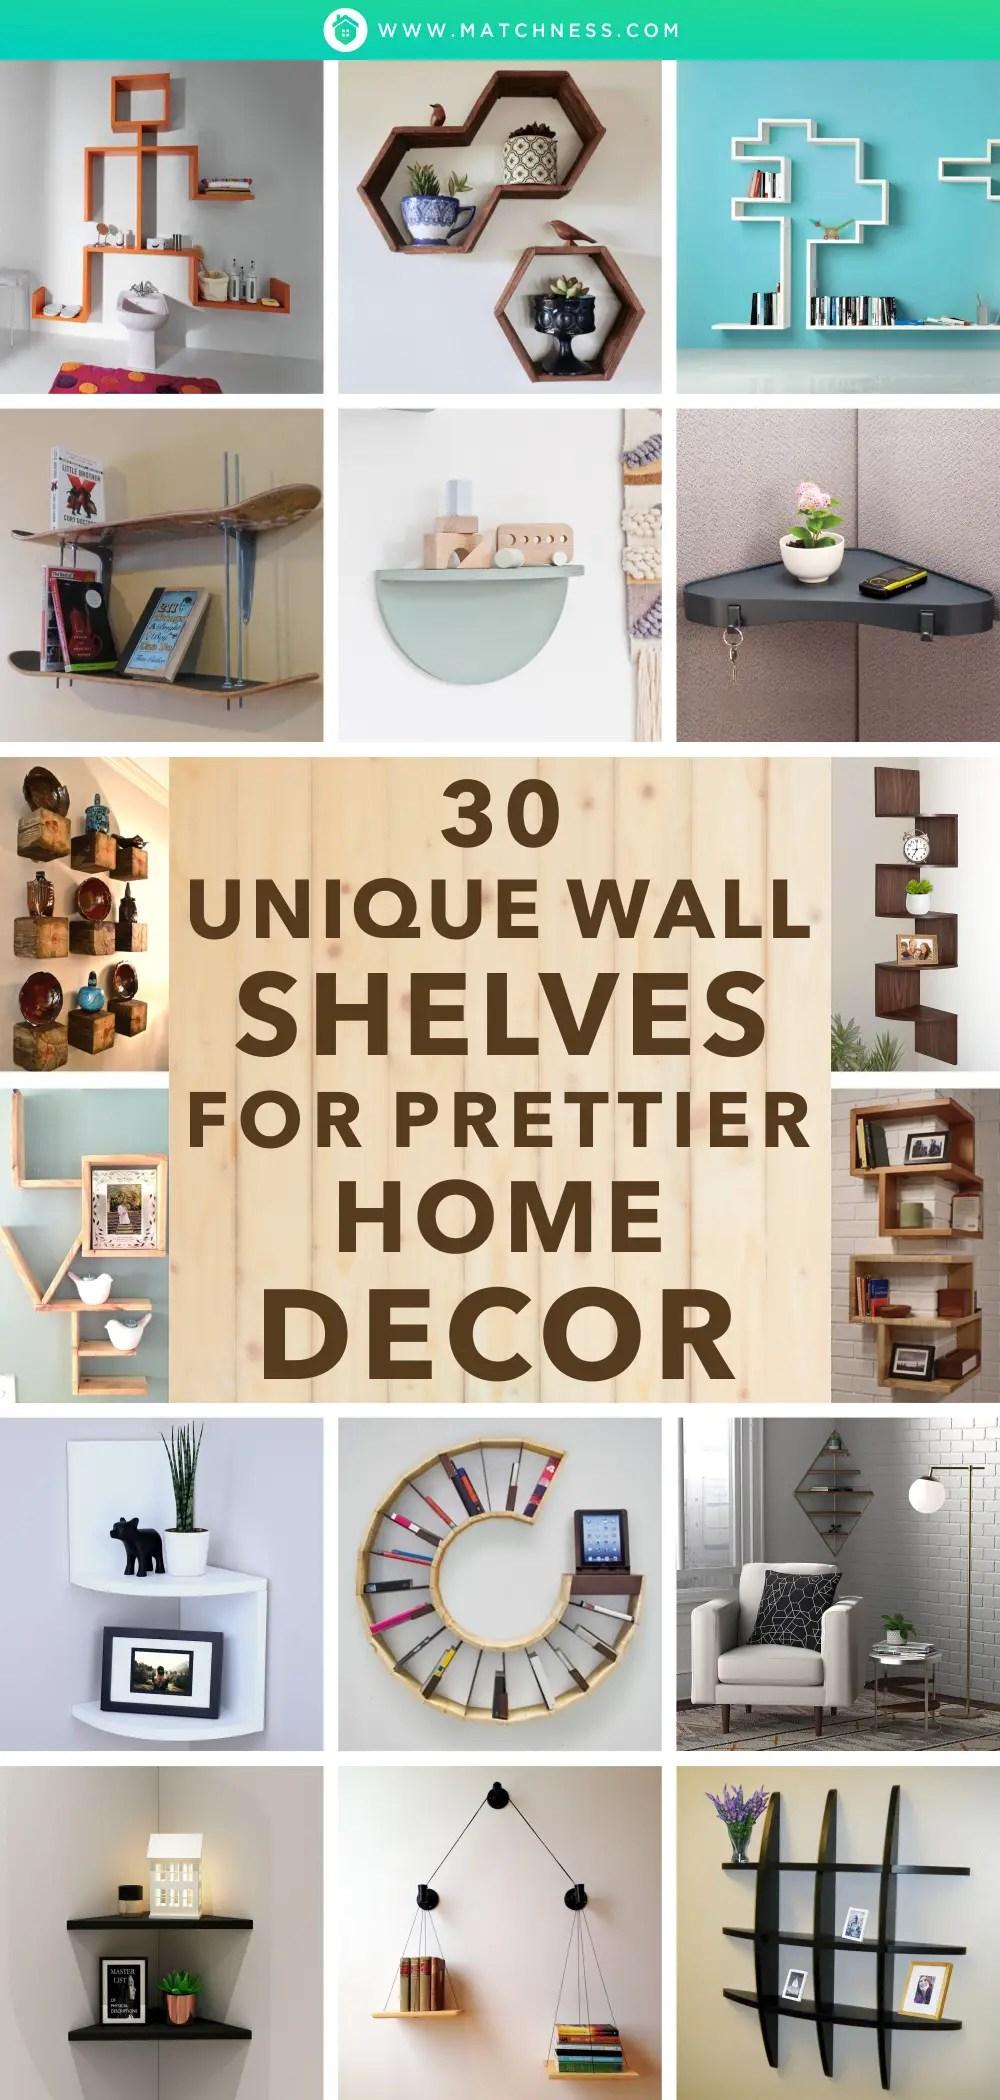 30-unique-wall-shelves-for-prettier-home-decor1